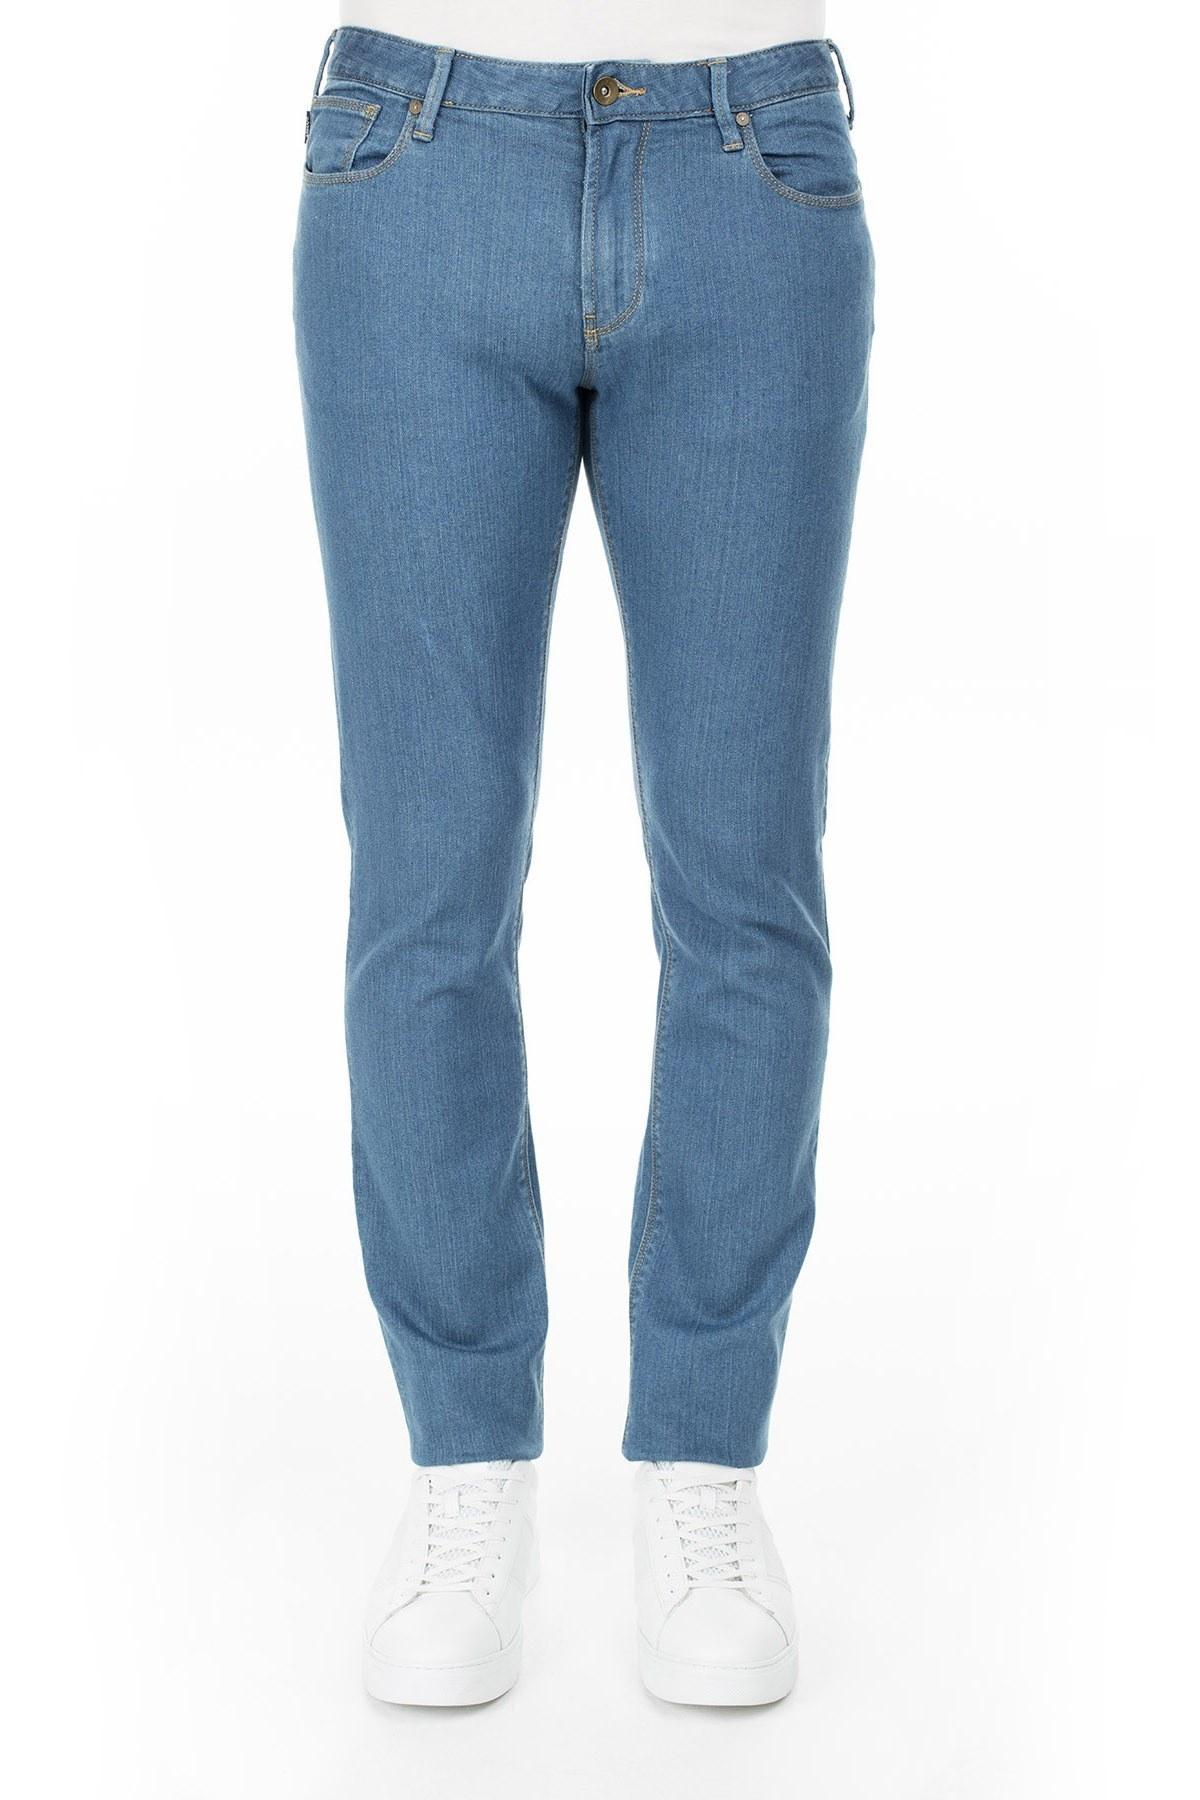 Armani J06 Jeans Erkek Kot Pantolon 3Y6J06 6DBQZ 1500 MAVİ